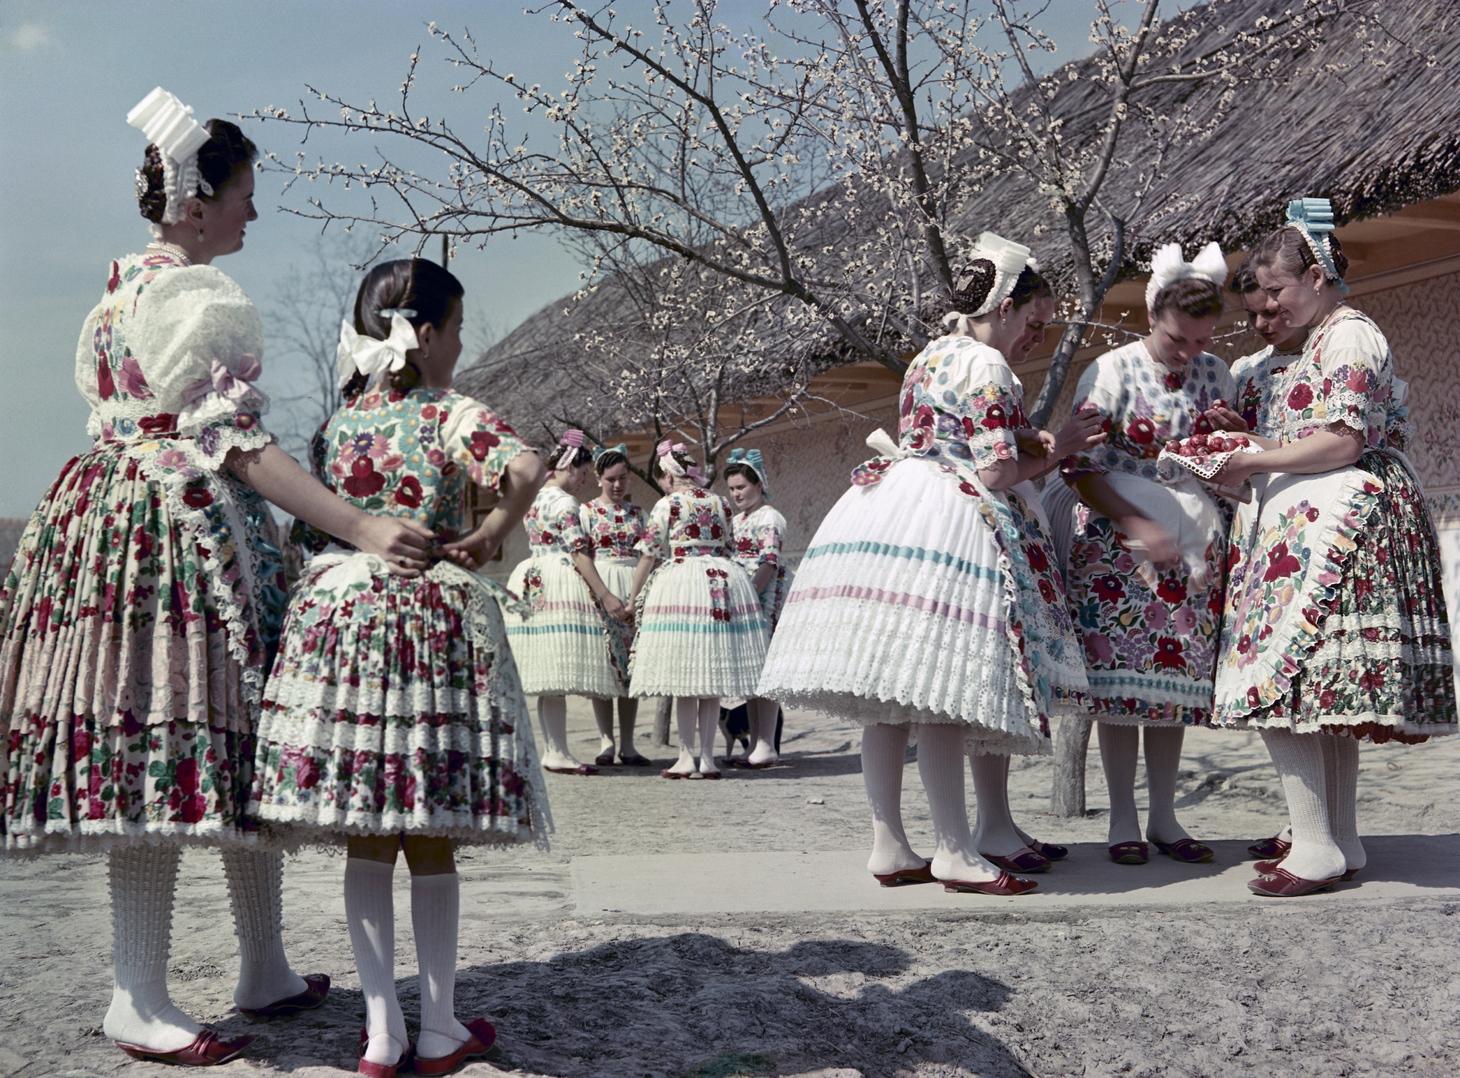 1959. április 2. Kalocsai népviseletbe öltözött fiatal lányok beszélgetnek és nézegetik a festett húsvéti tojásokat egy település utcáján.  A felvétel készítésének pontos helye ismeretlen. MTI Fotó: Járai Rudolf